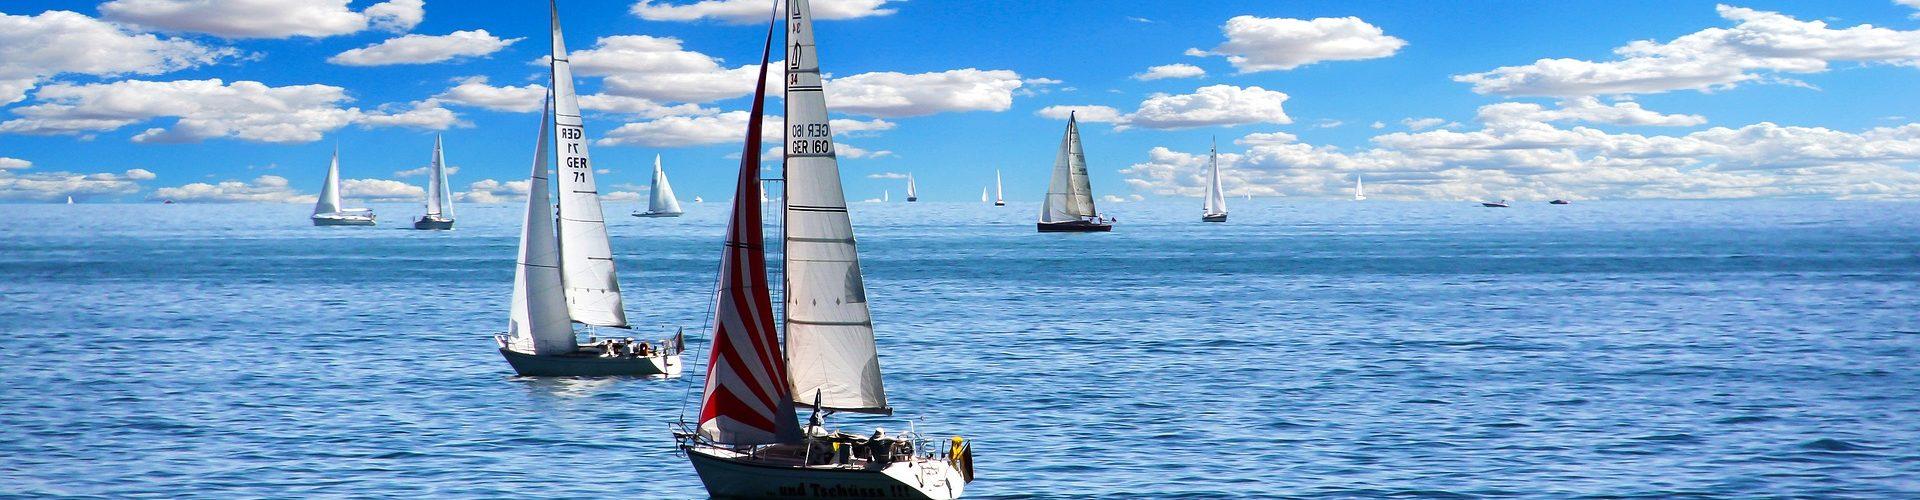 segeln lernen in Tettenweis segelschein machen in Tettenweis 1920x500 - Segeln lernen in Tettenweis